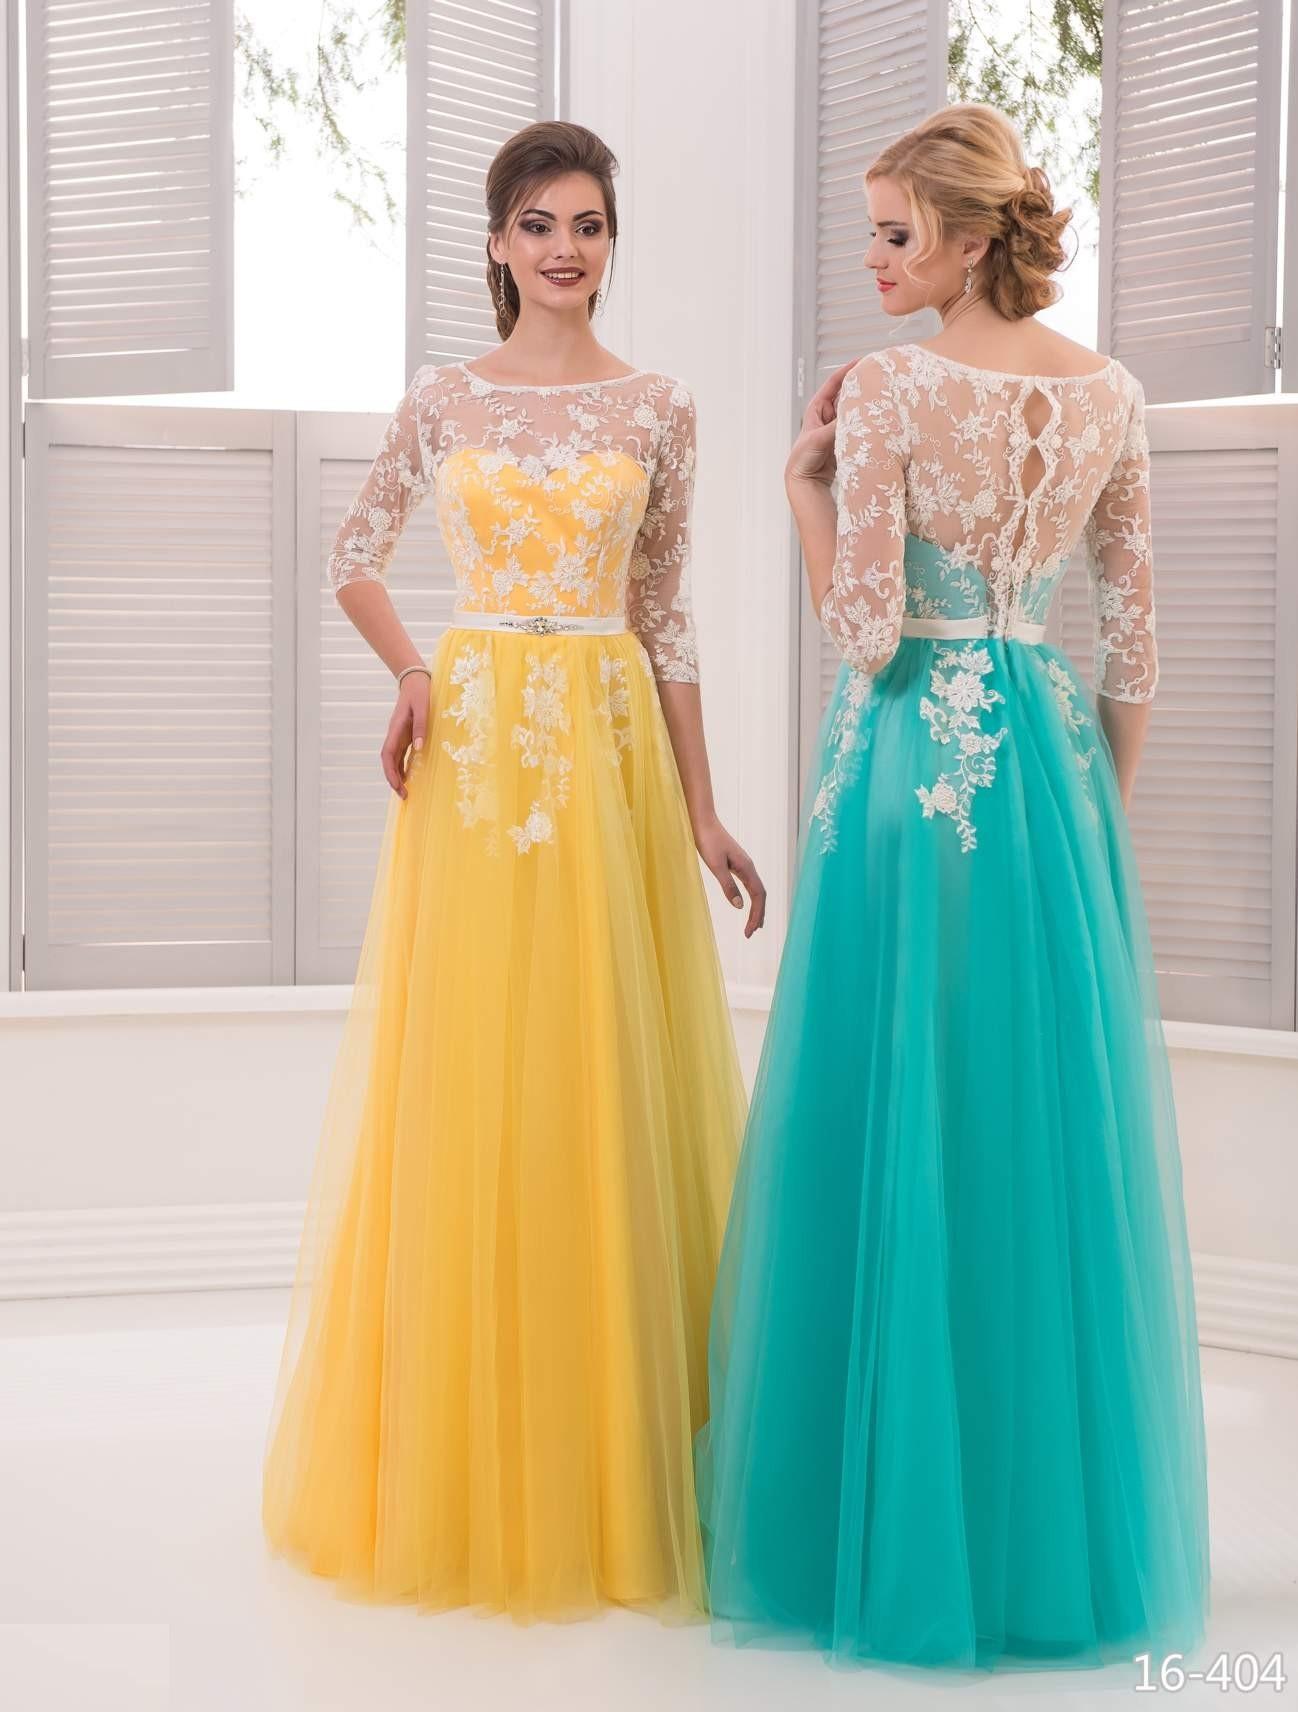 جدیدترین مدل لباس نامزدی 2018 خارجی/ لباس شب بلند 2018